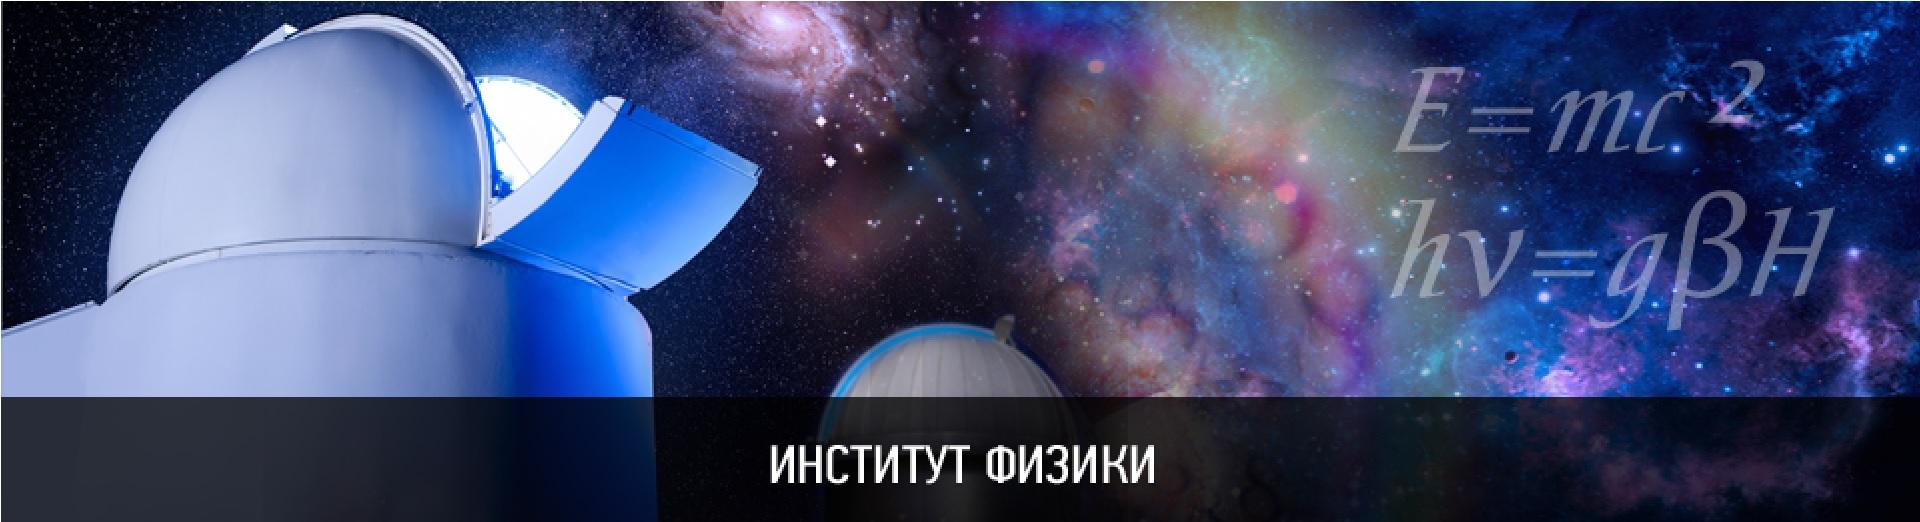 Портал КФУ \ Образование \ Институт физики \ Учебный процесс \ Расписание занятий